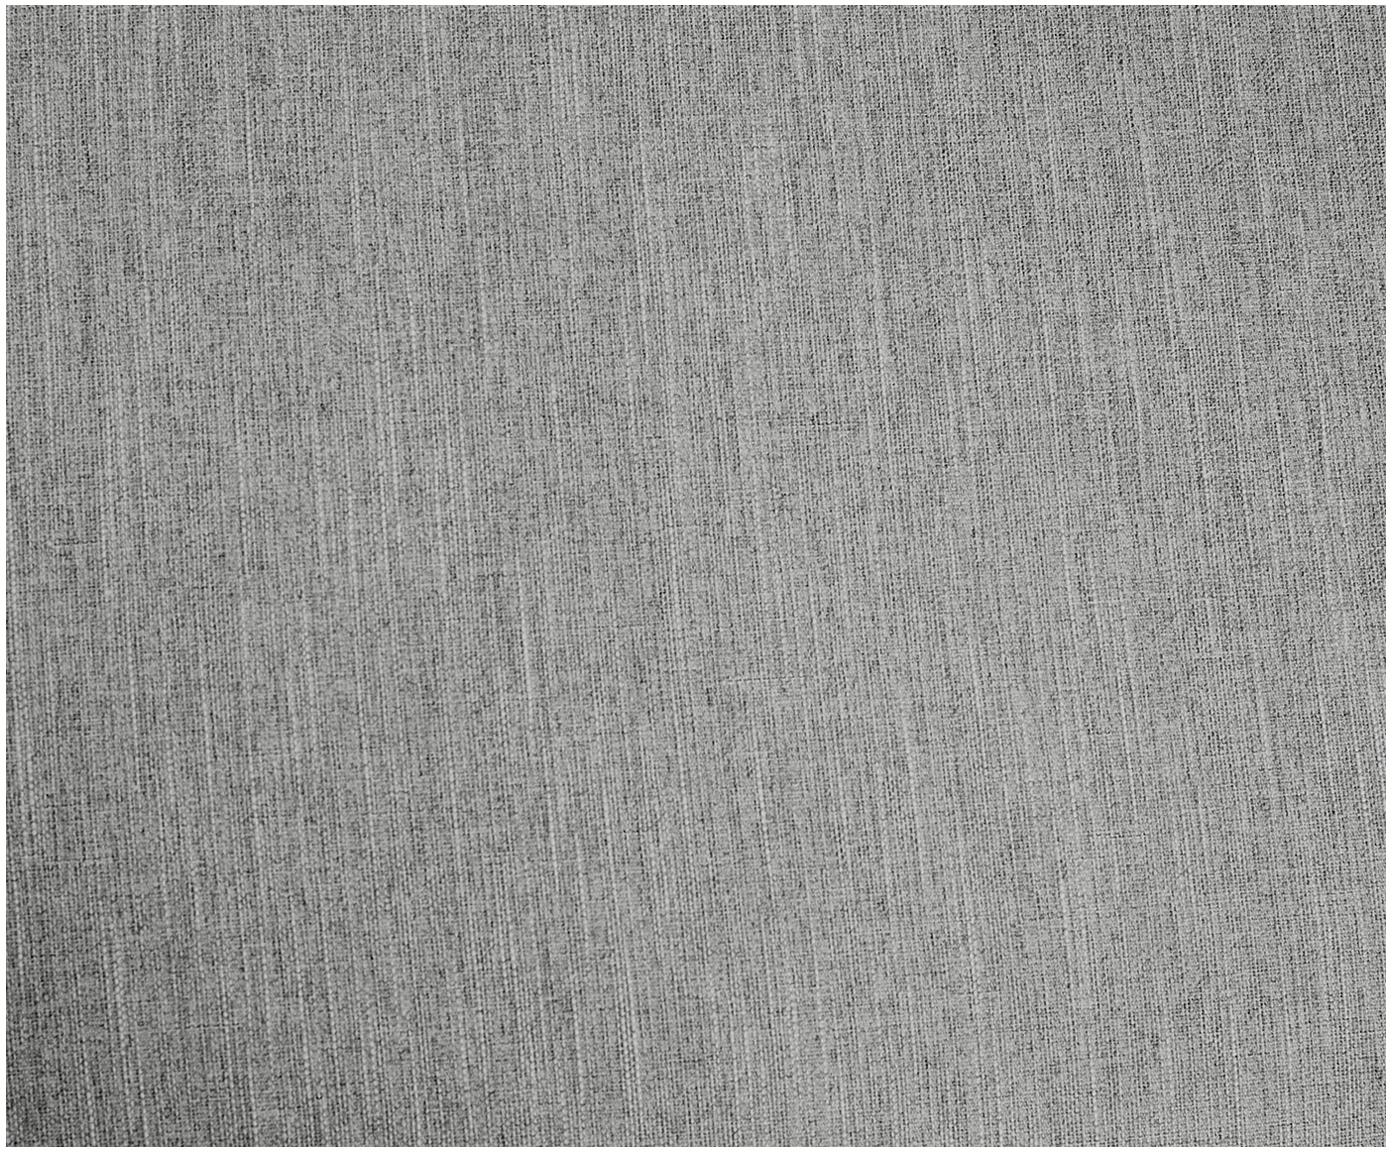 Sofa Melva (3-osobowa), Tapicerka: poliester 35000 cykli w , Stelaż: masywne drewno sosnowe, p, Nogi: drewno sosnowe Drewno pos, Szary, S 240 x G 101 cm